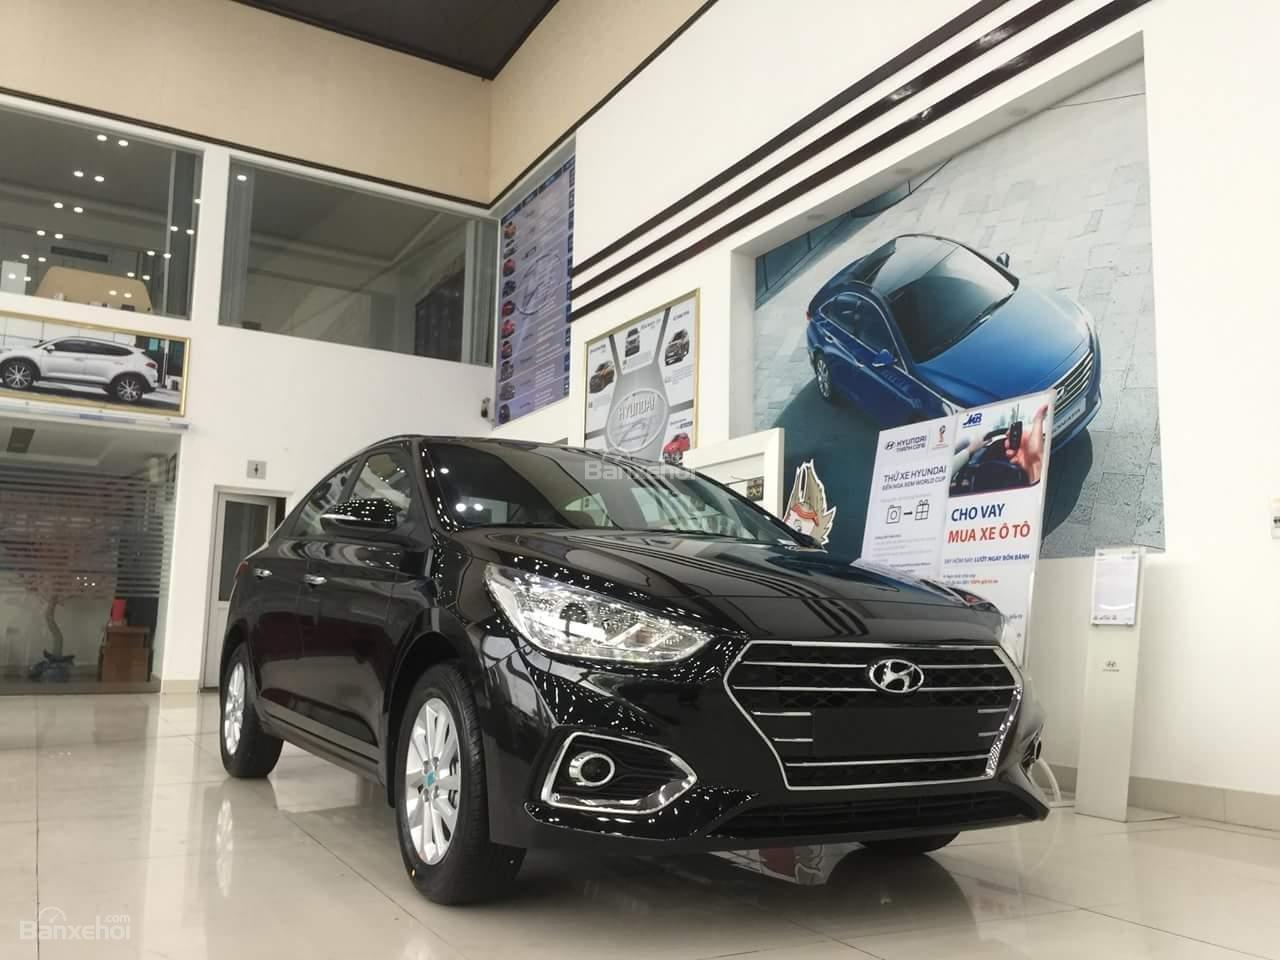 [Hyundai Kinh Dương Vương] Accent trả trước 140tr, tặng gói phụ kiện, góp ngân hàng chỉ từ 0.66%/tháng, LH 0961730817-1